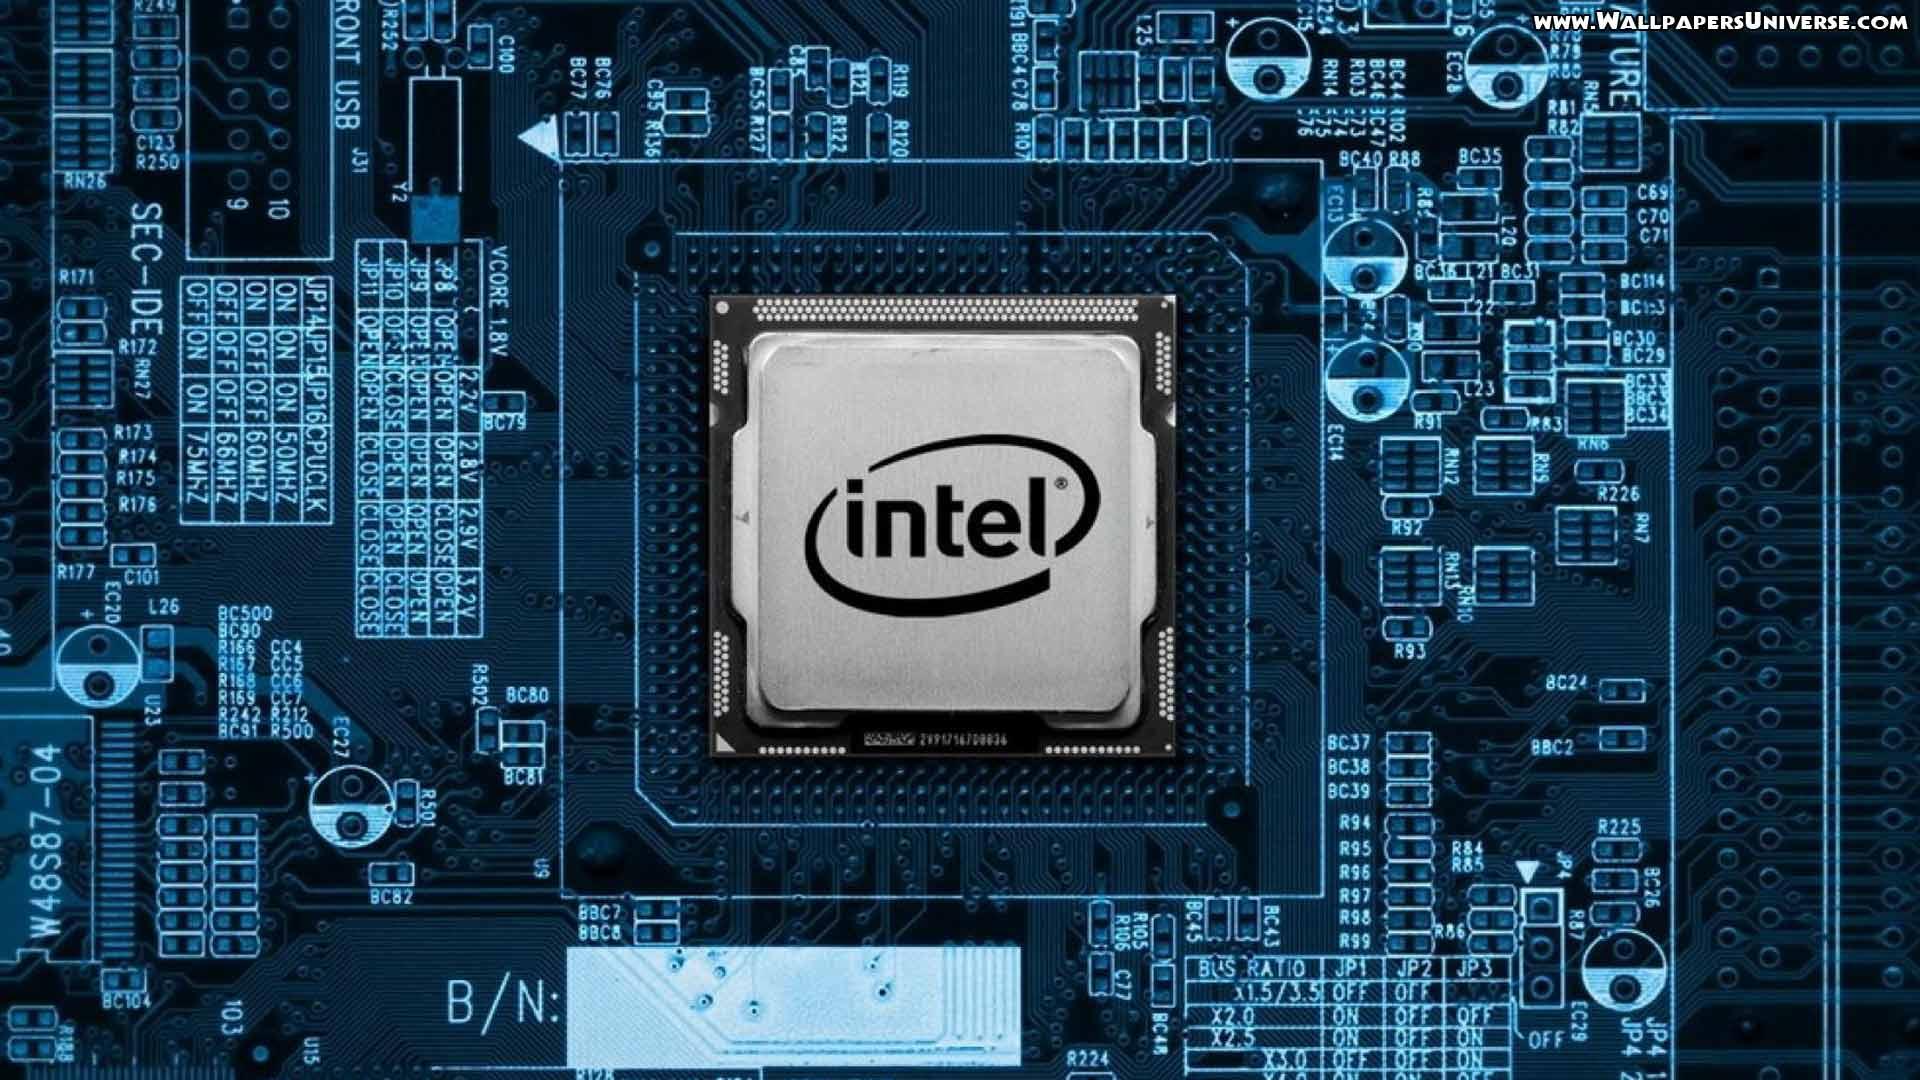 Intel zadziwia. Thunderbolt 4 nie jest szybszy od Thunderbolt 3 19